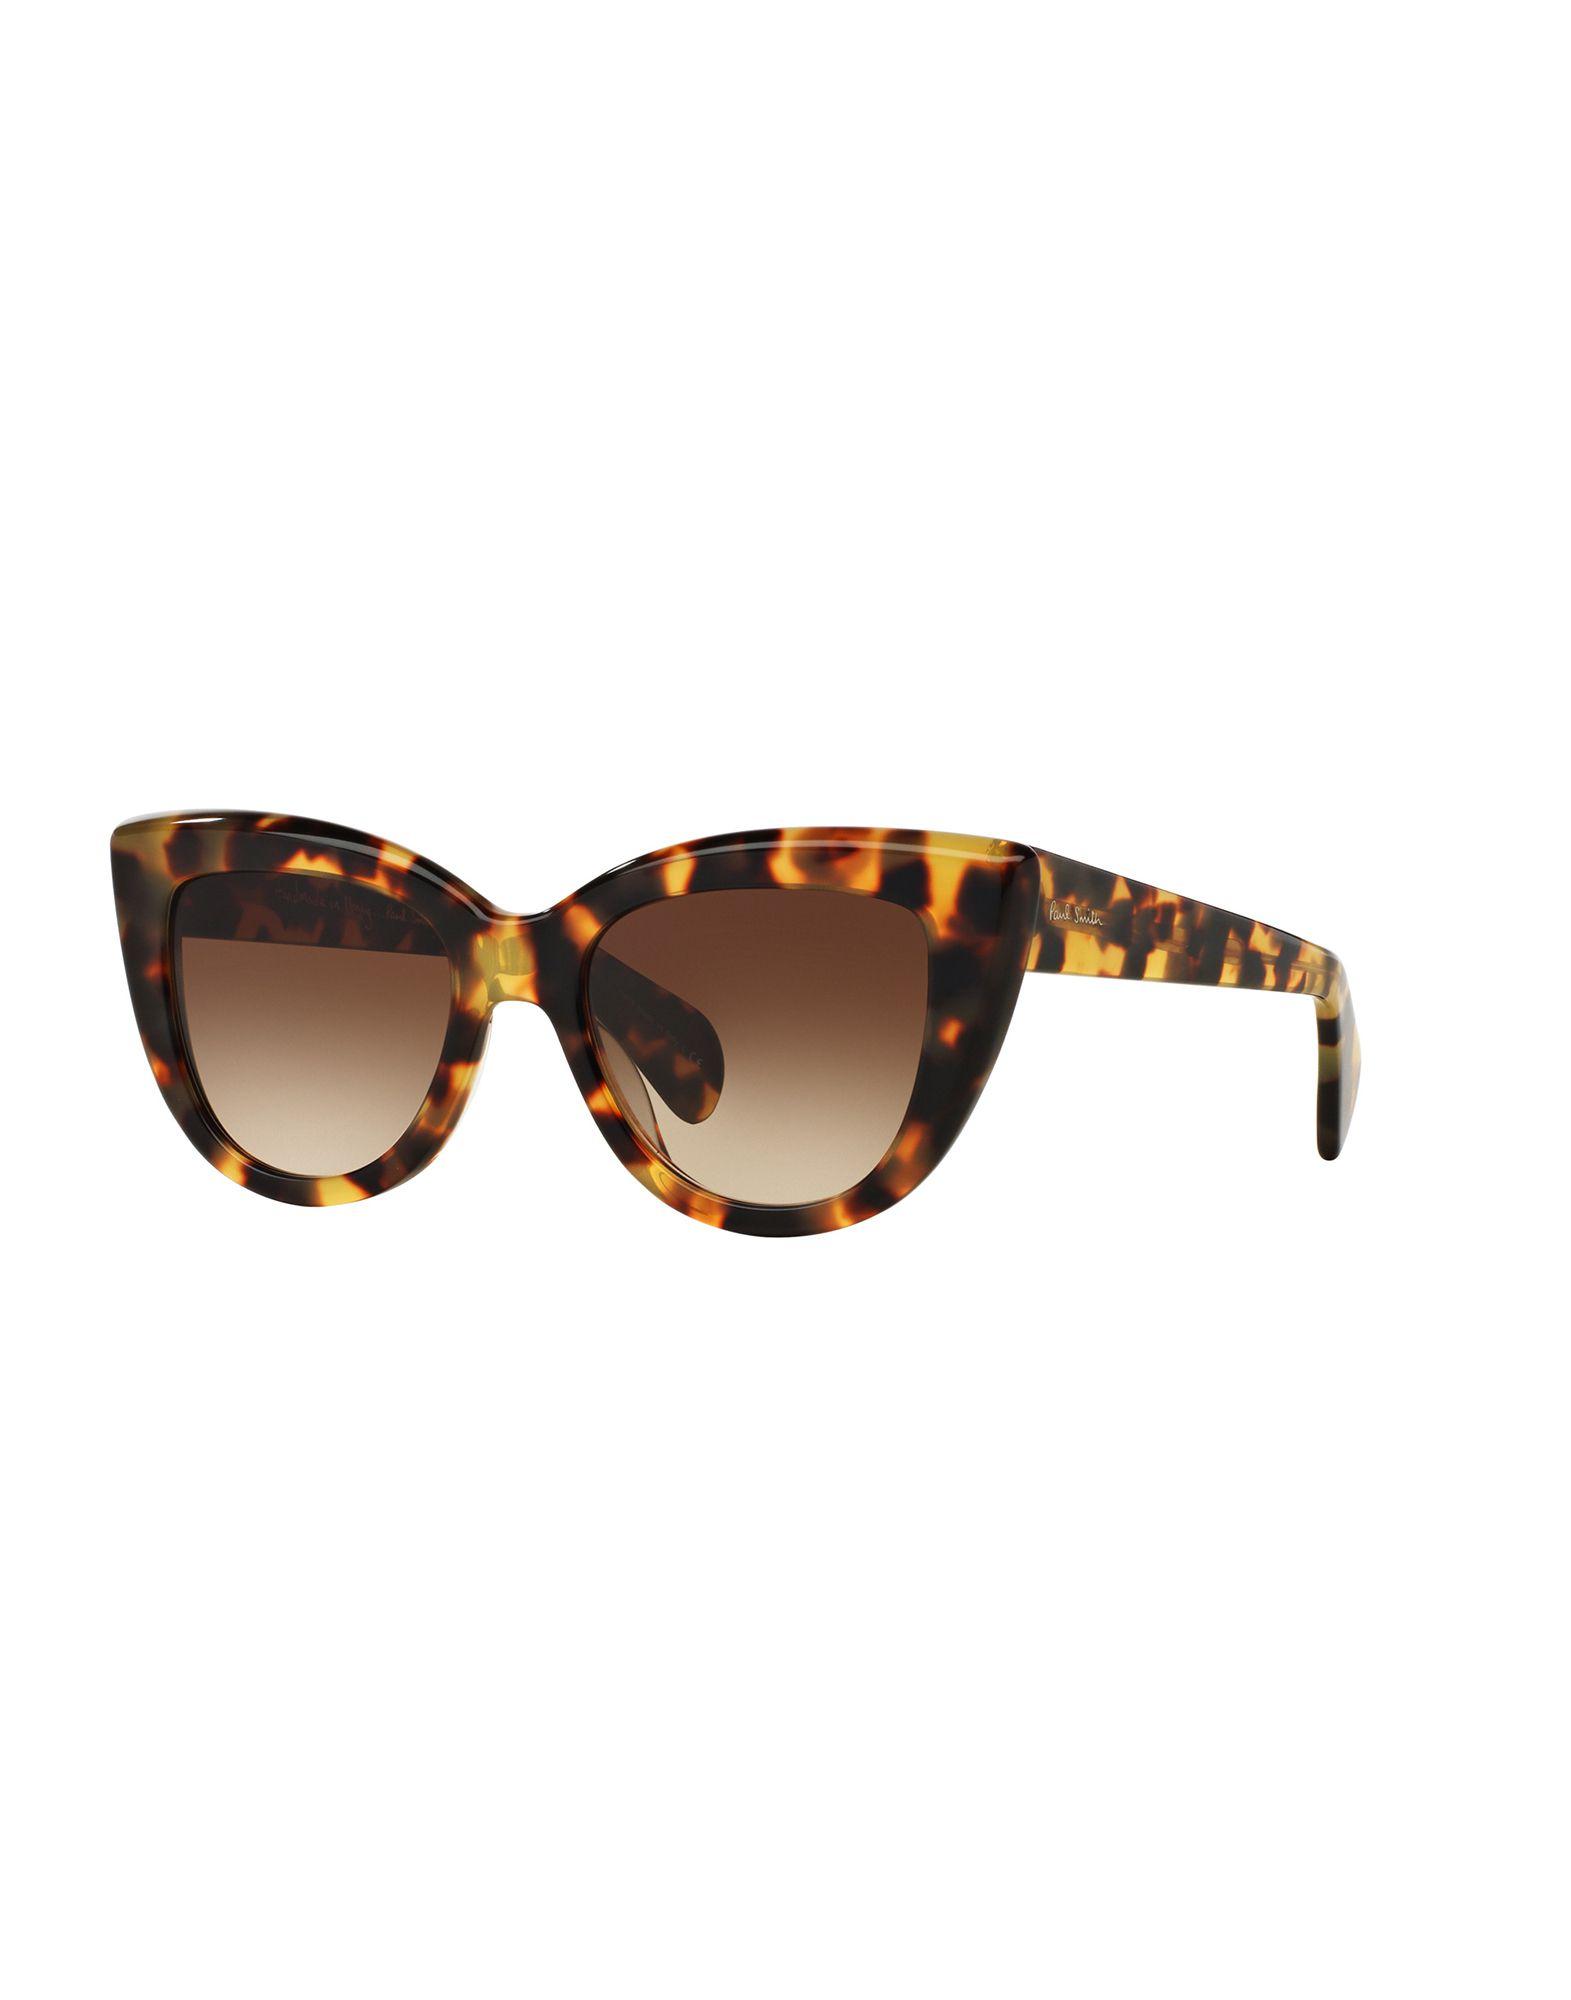 Occhiali Da Sole Paul Smith Pm8259su Lovell - Donna - Acquista online su